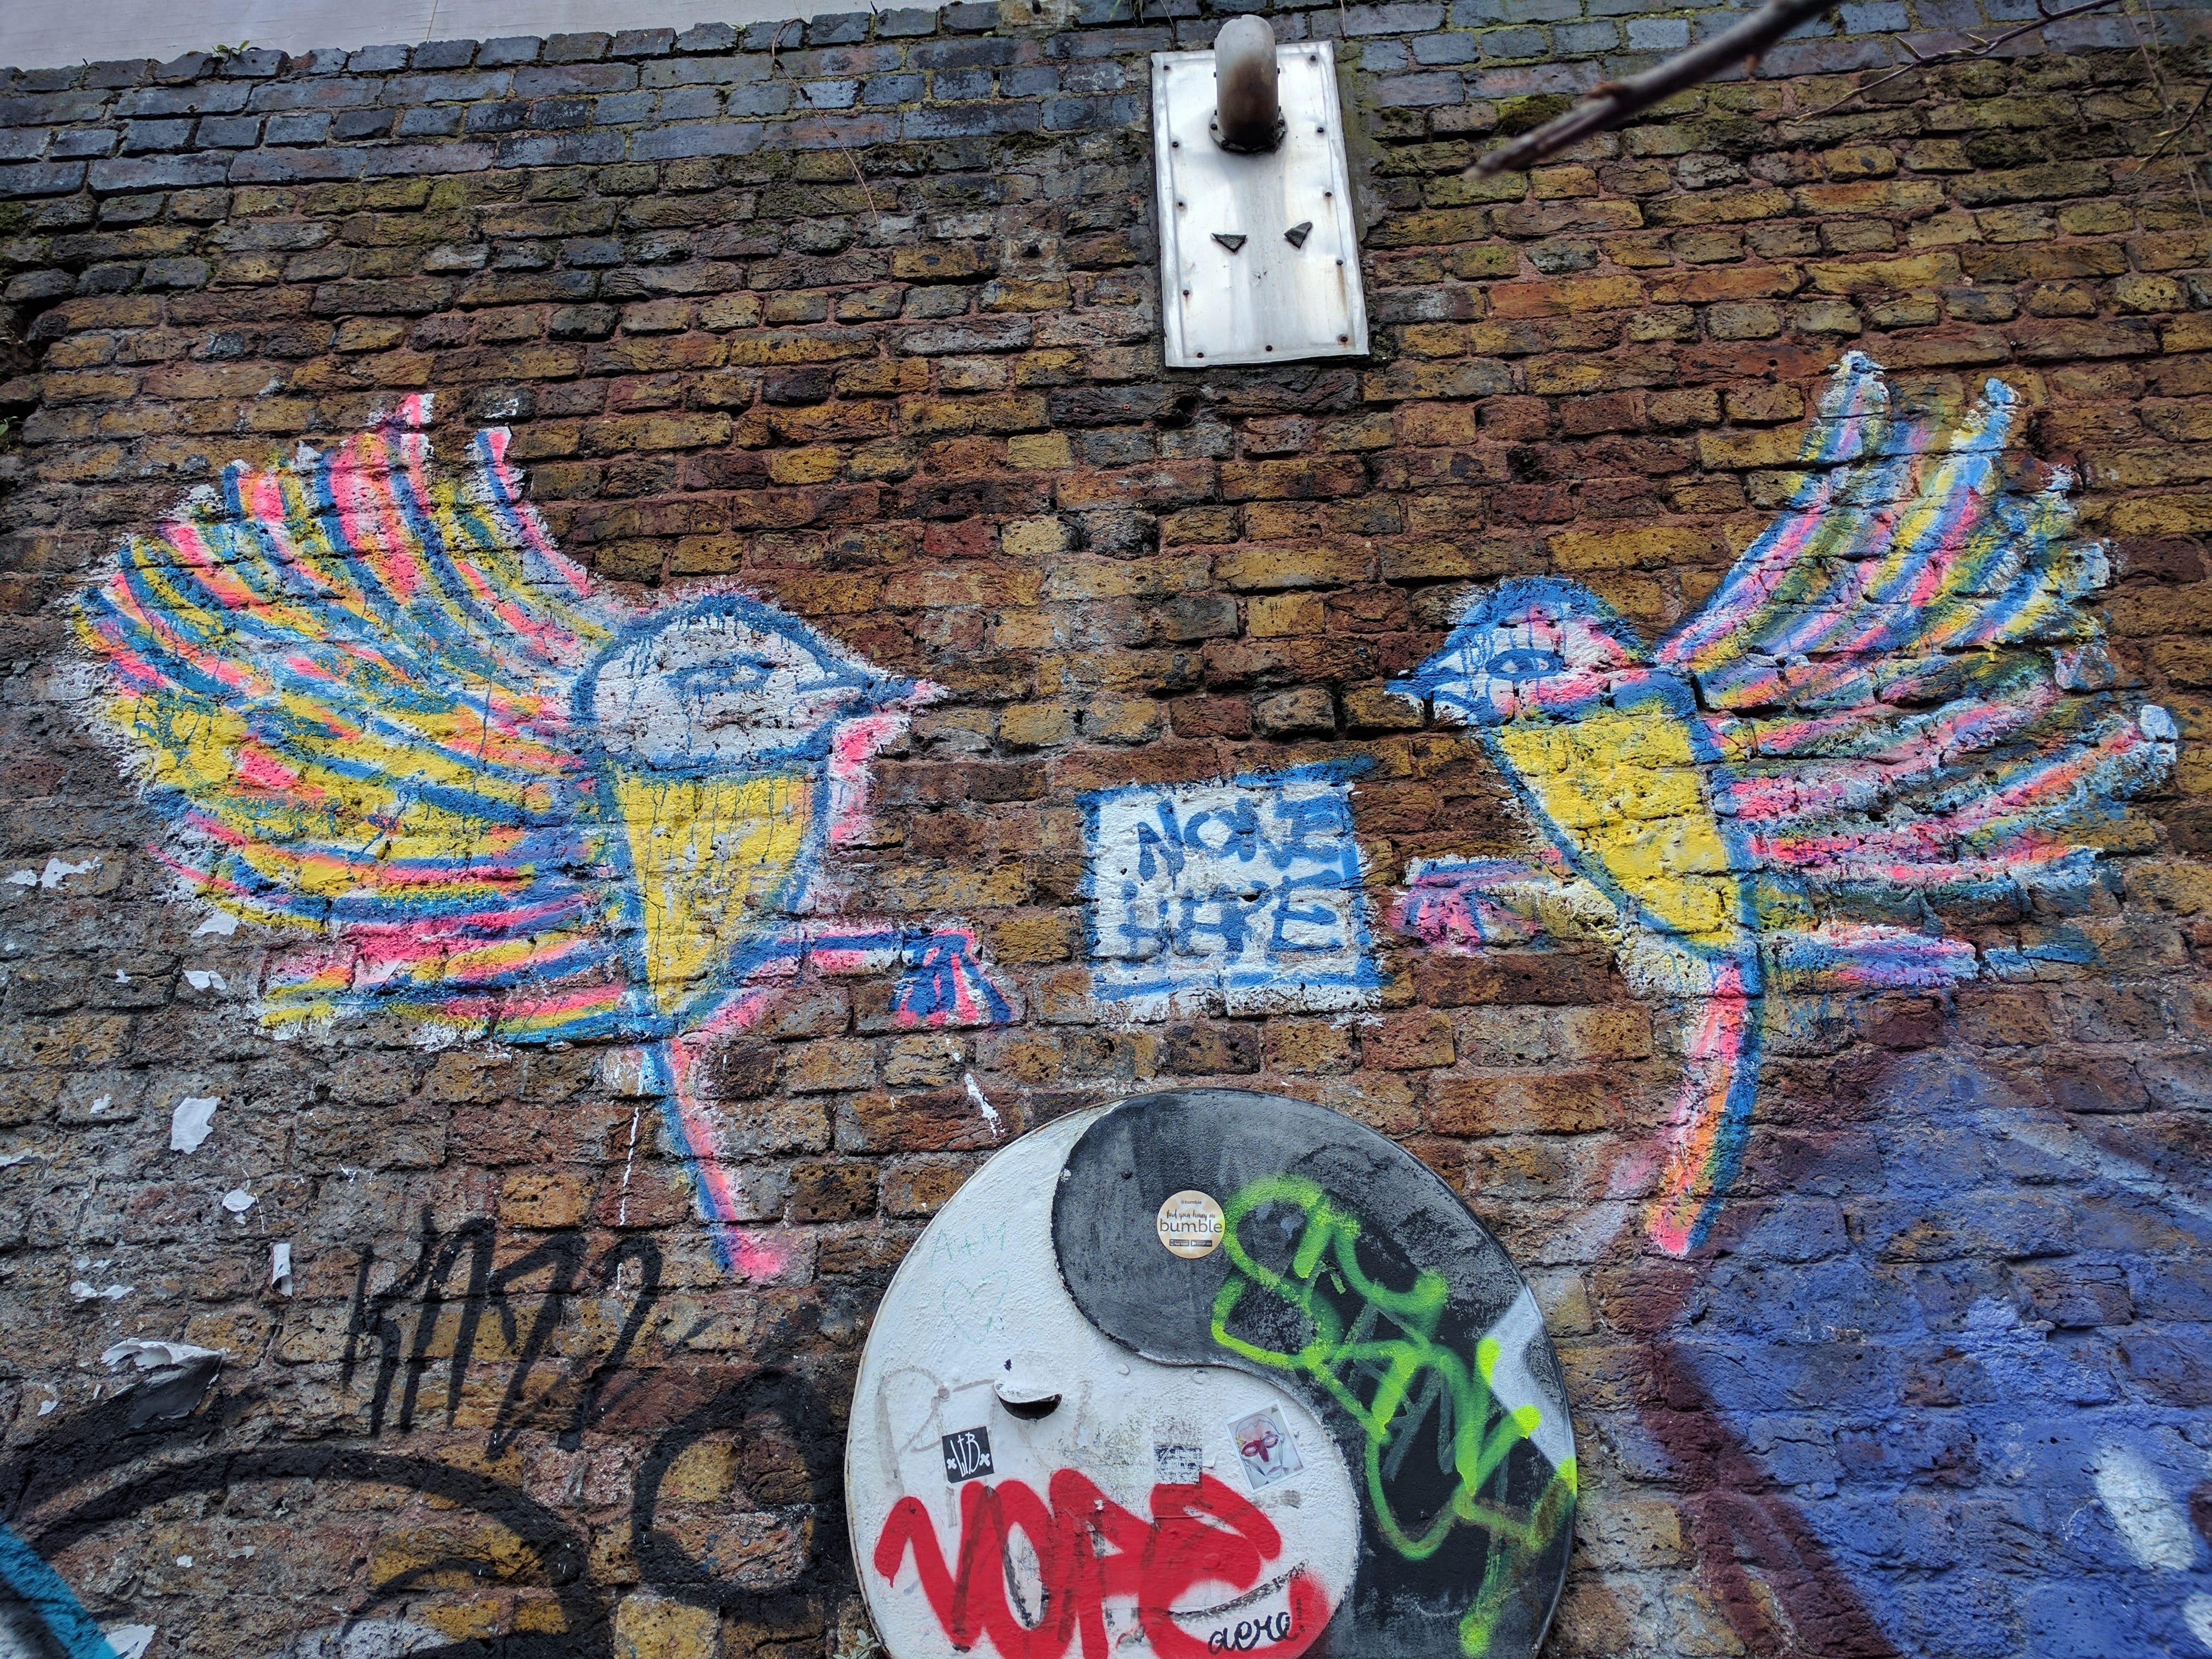 099-graffiti20